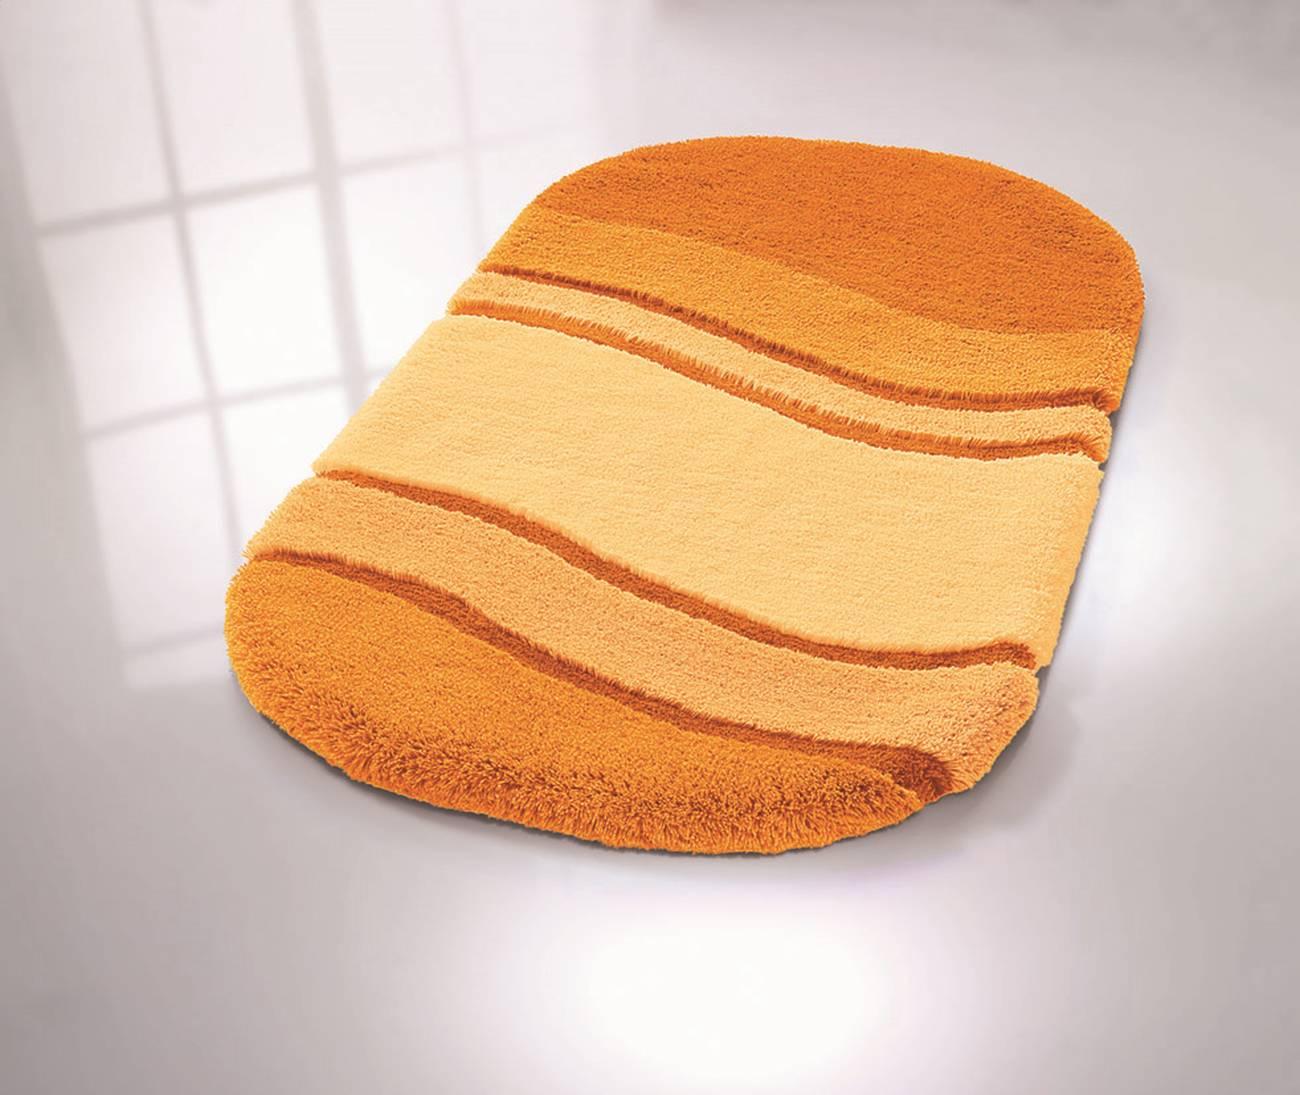 Badteppich Siesta 100 % Polyacryl Sor.-Azurblau 60x100 cm